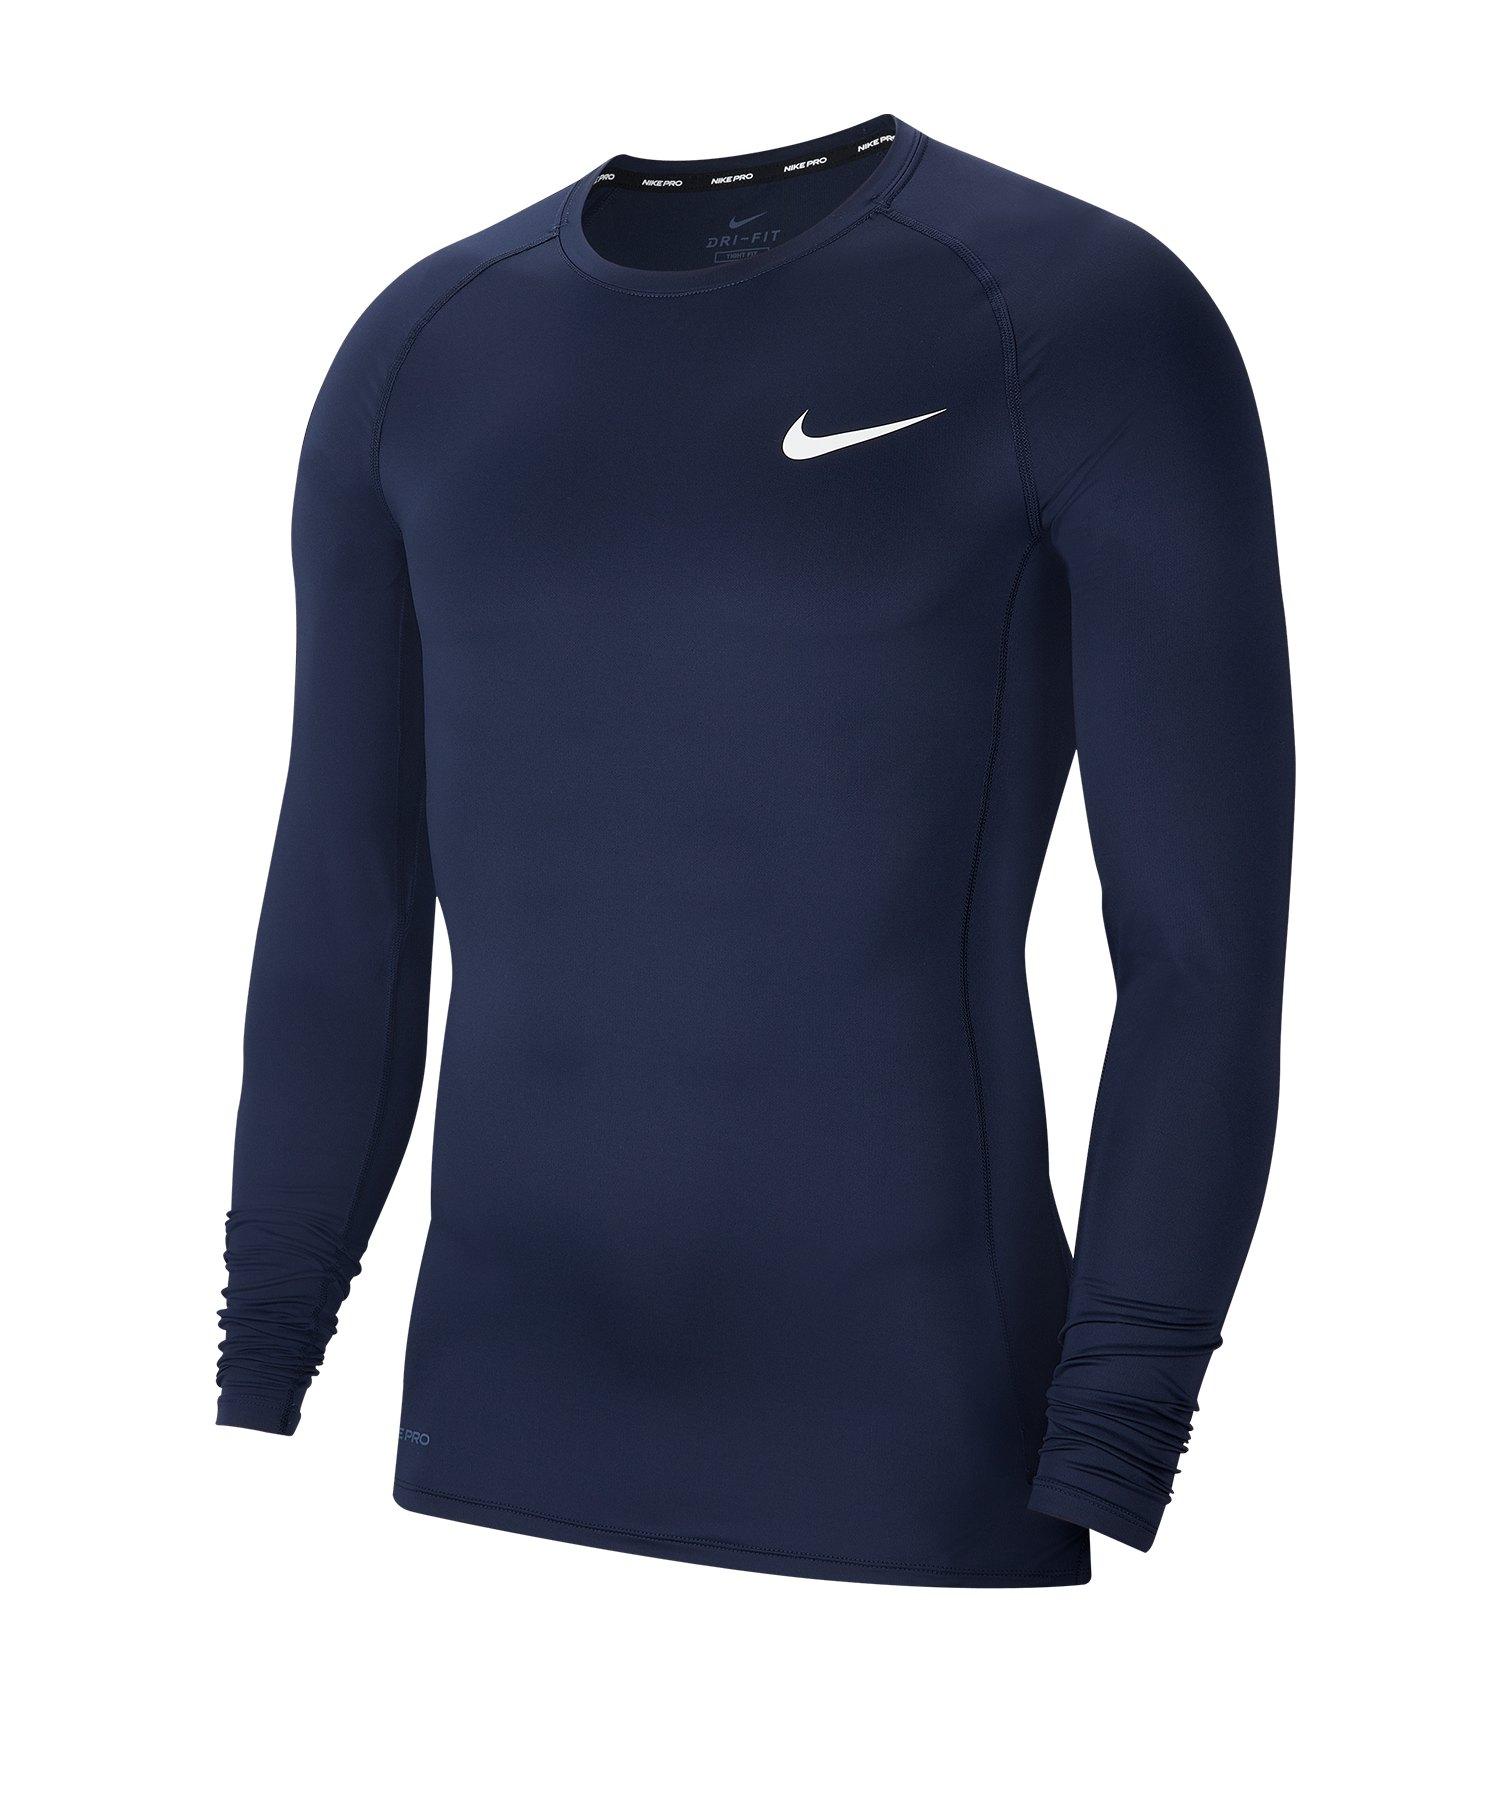 Nike Pro Shirt Longsleeve Blau F452 - blau